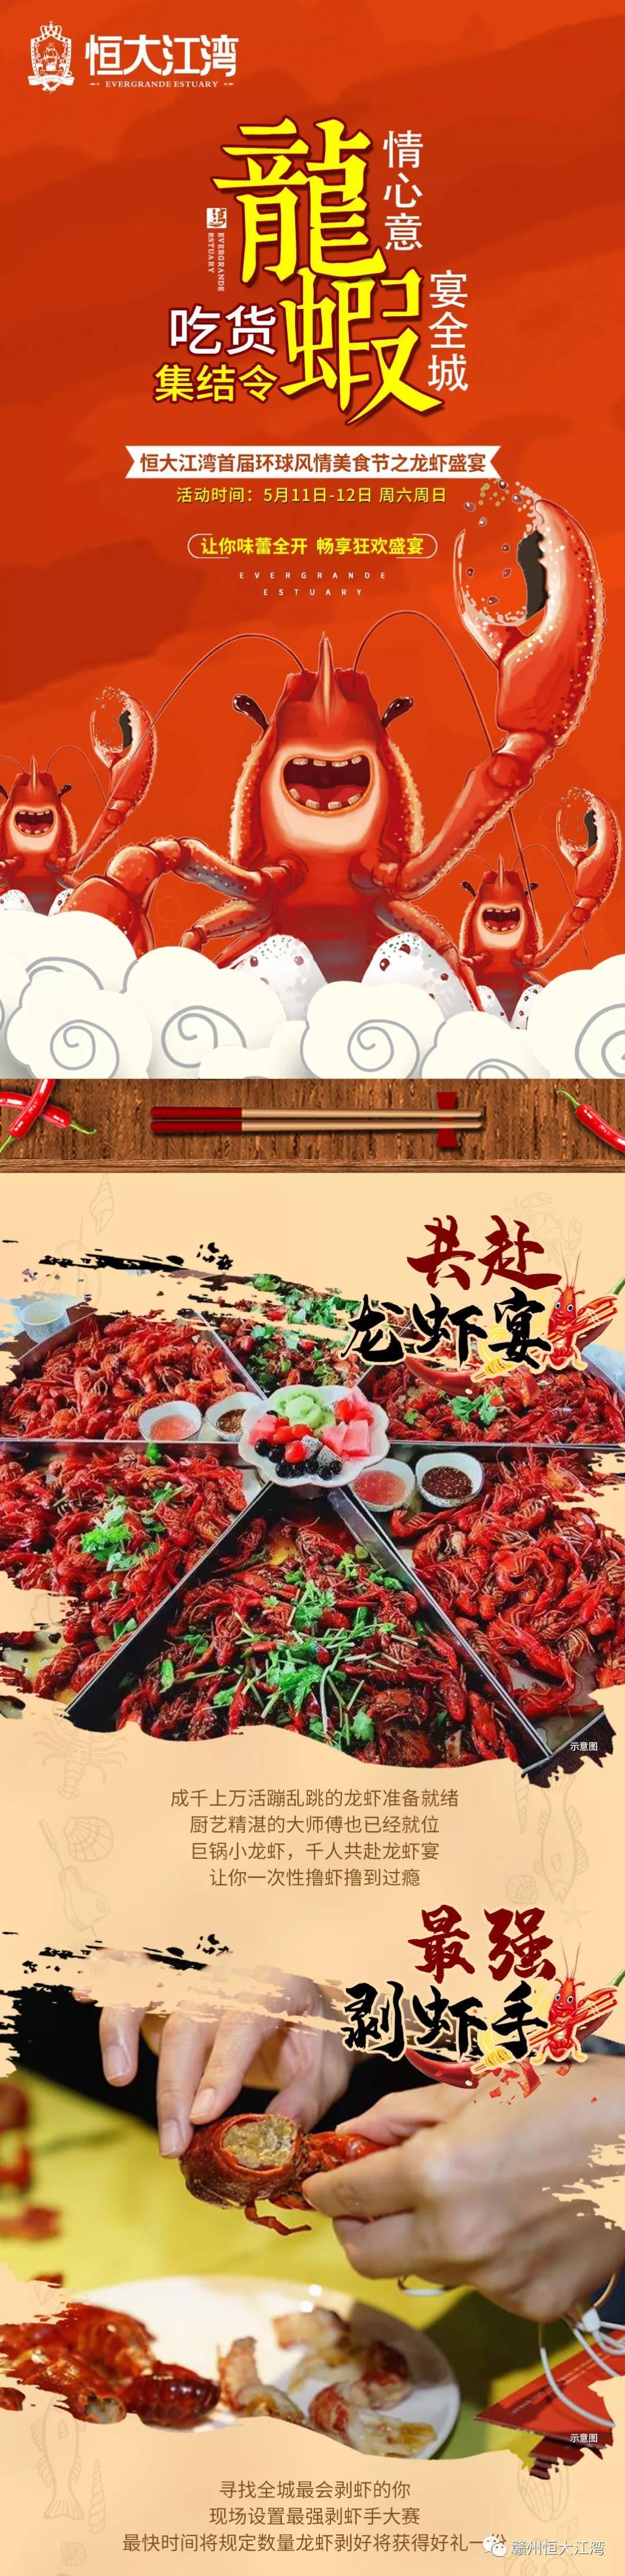 贛州恒大江灣環球美食 龍蝦盛宴熱辣來襲-中國網地産